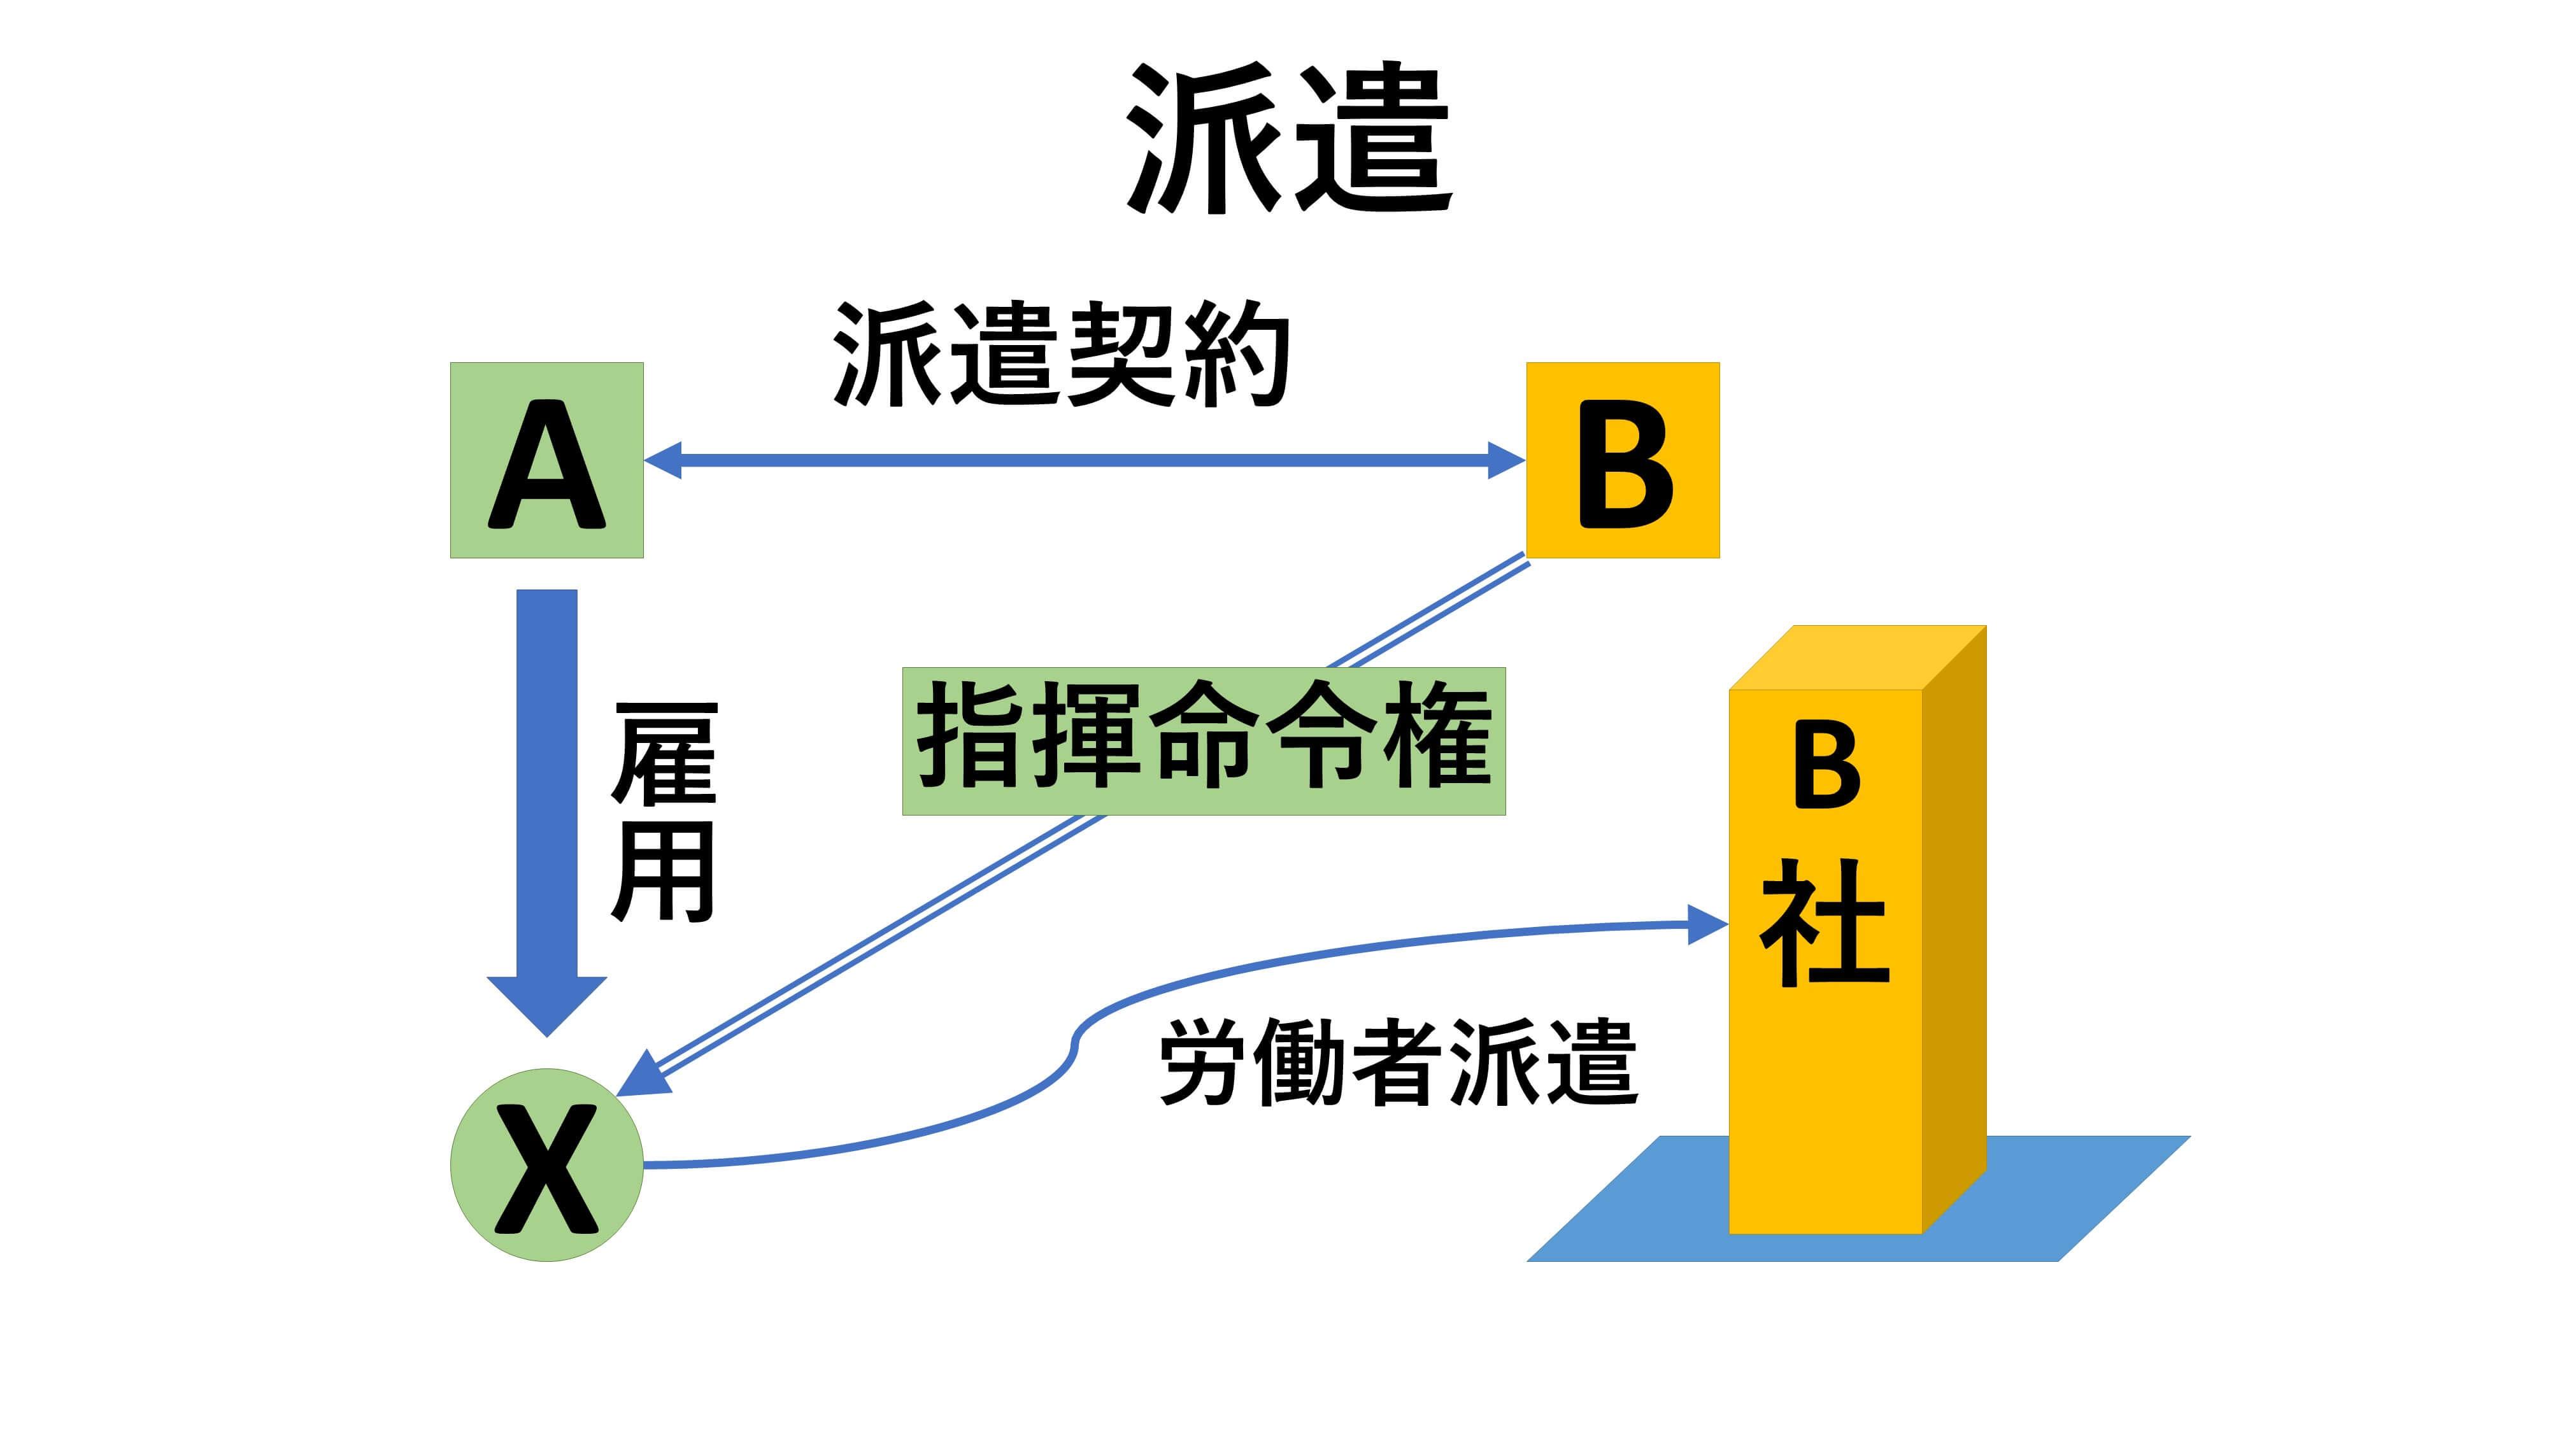 派遣契約における当事者関係